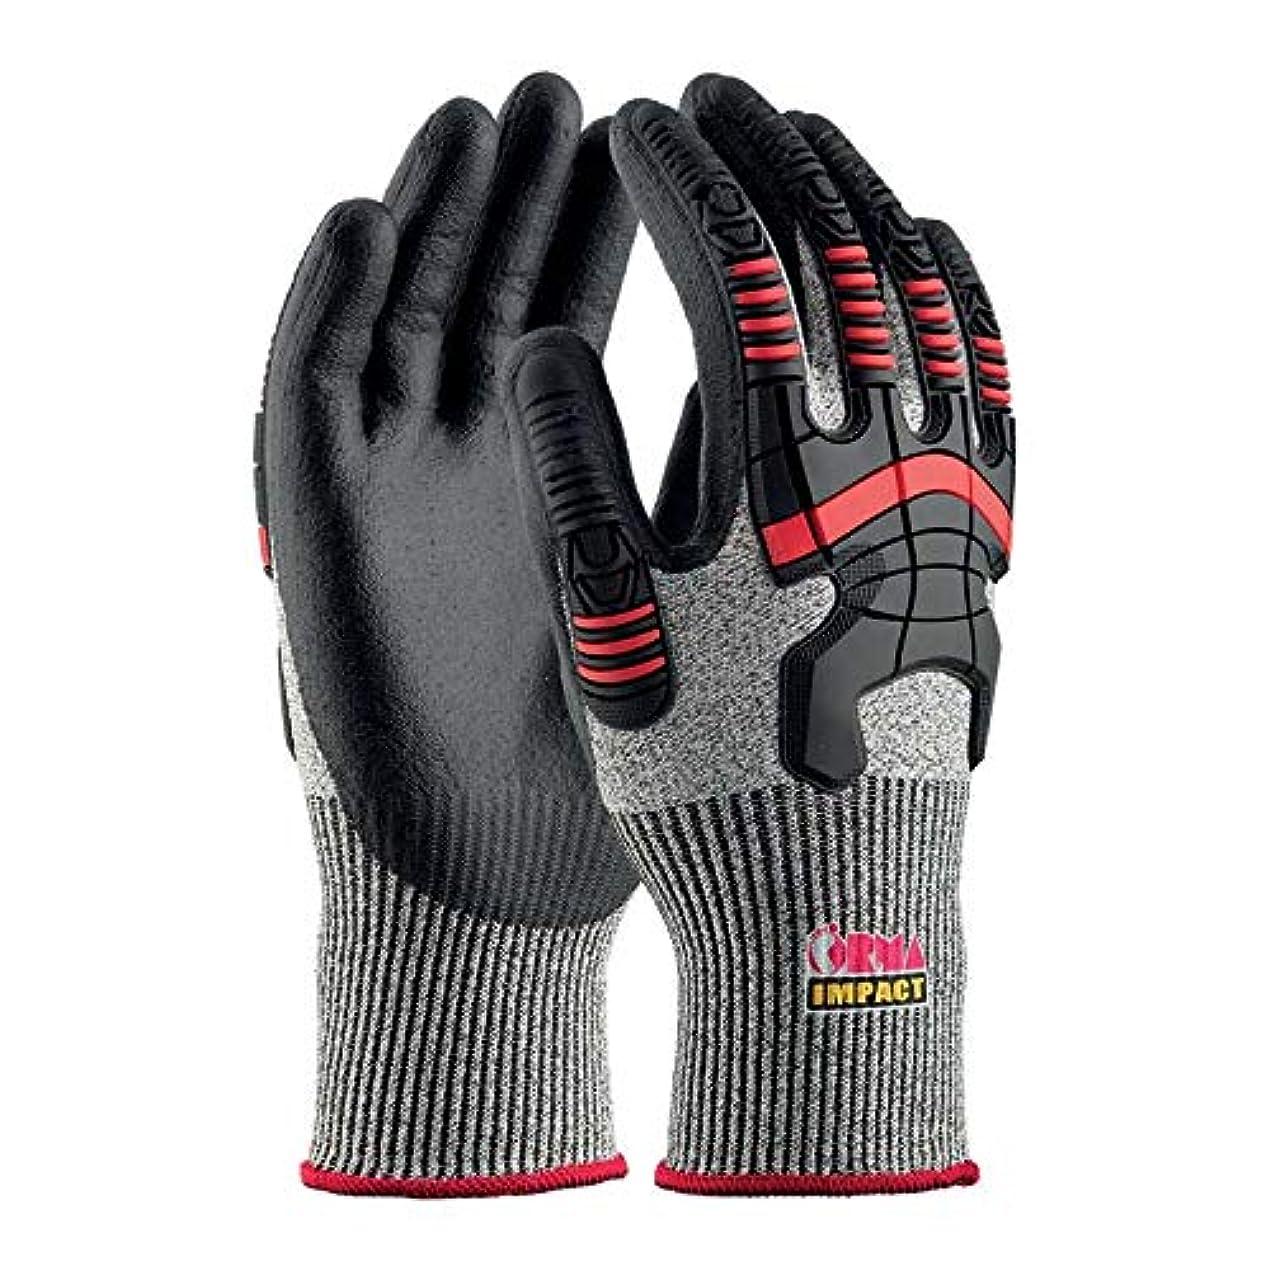 視線ローラーカップOrma 18000GO070_6作業用手袋、グレー/ブラック